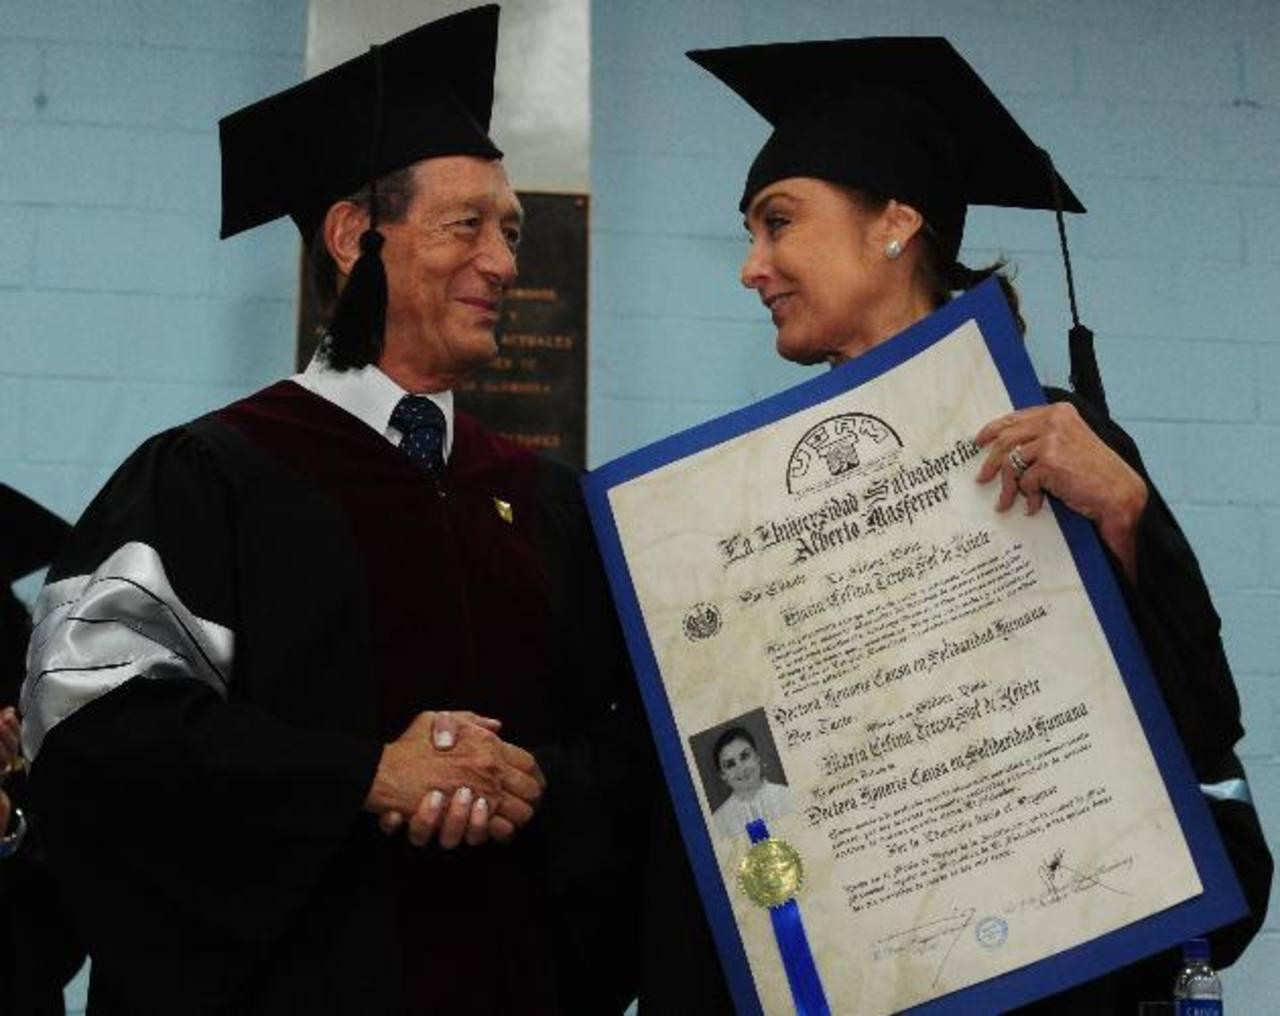 César Augusto Calderón, rector de la USAM, entrega el título a Celina de Kriete, directora ejecutiva de Fundación Gloria de Kriete. foto edh /Mauricio Cáceres